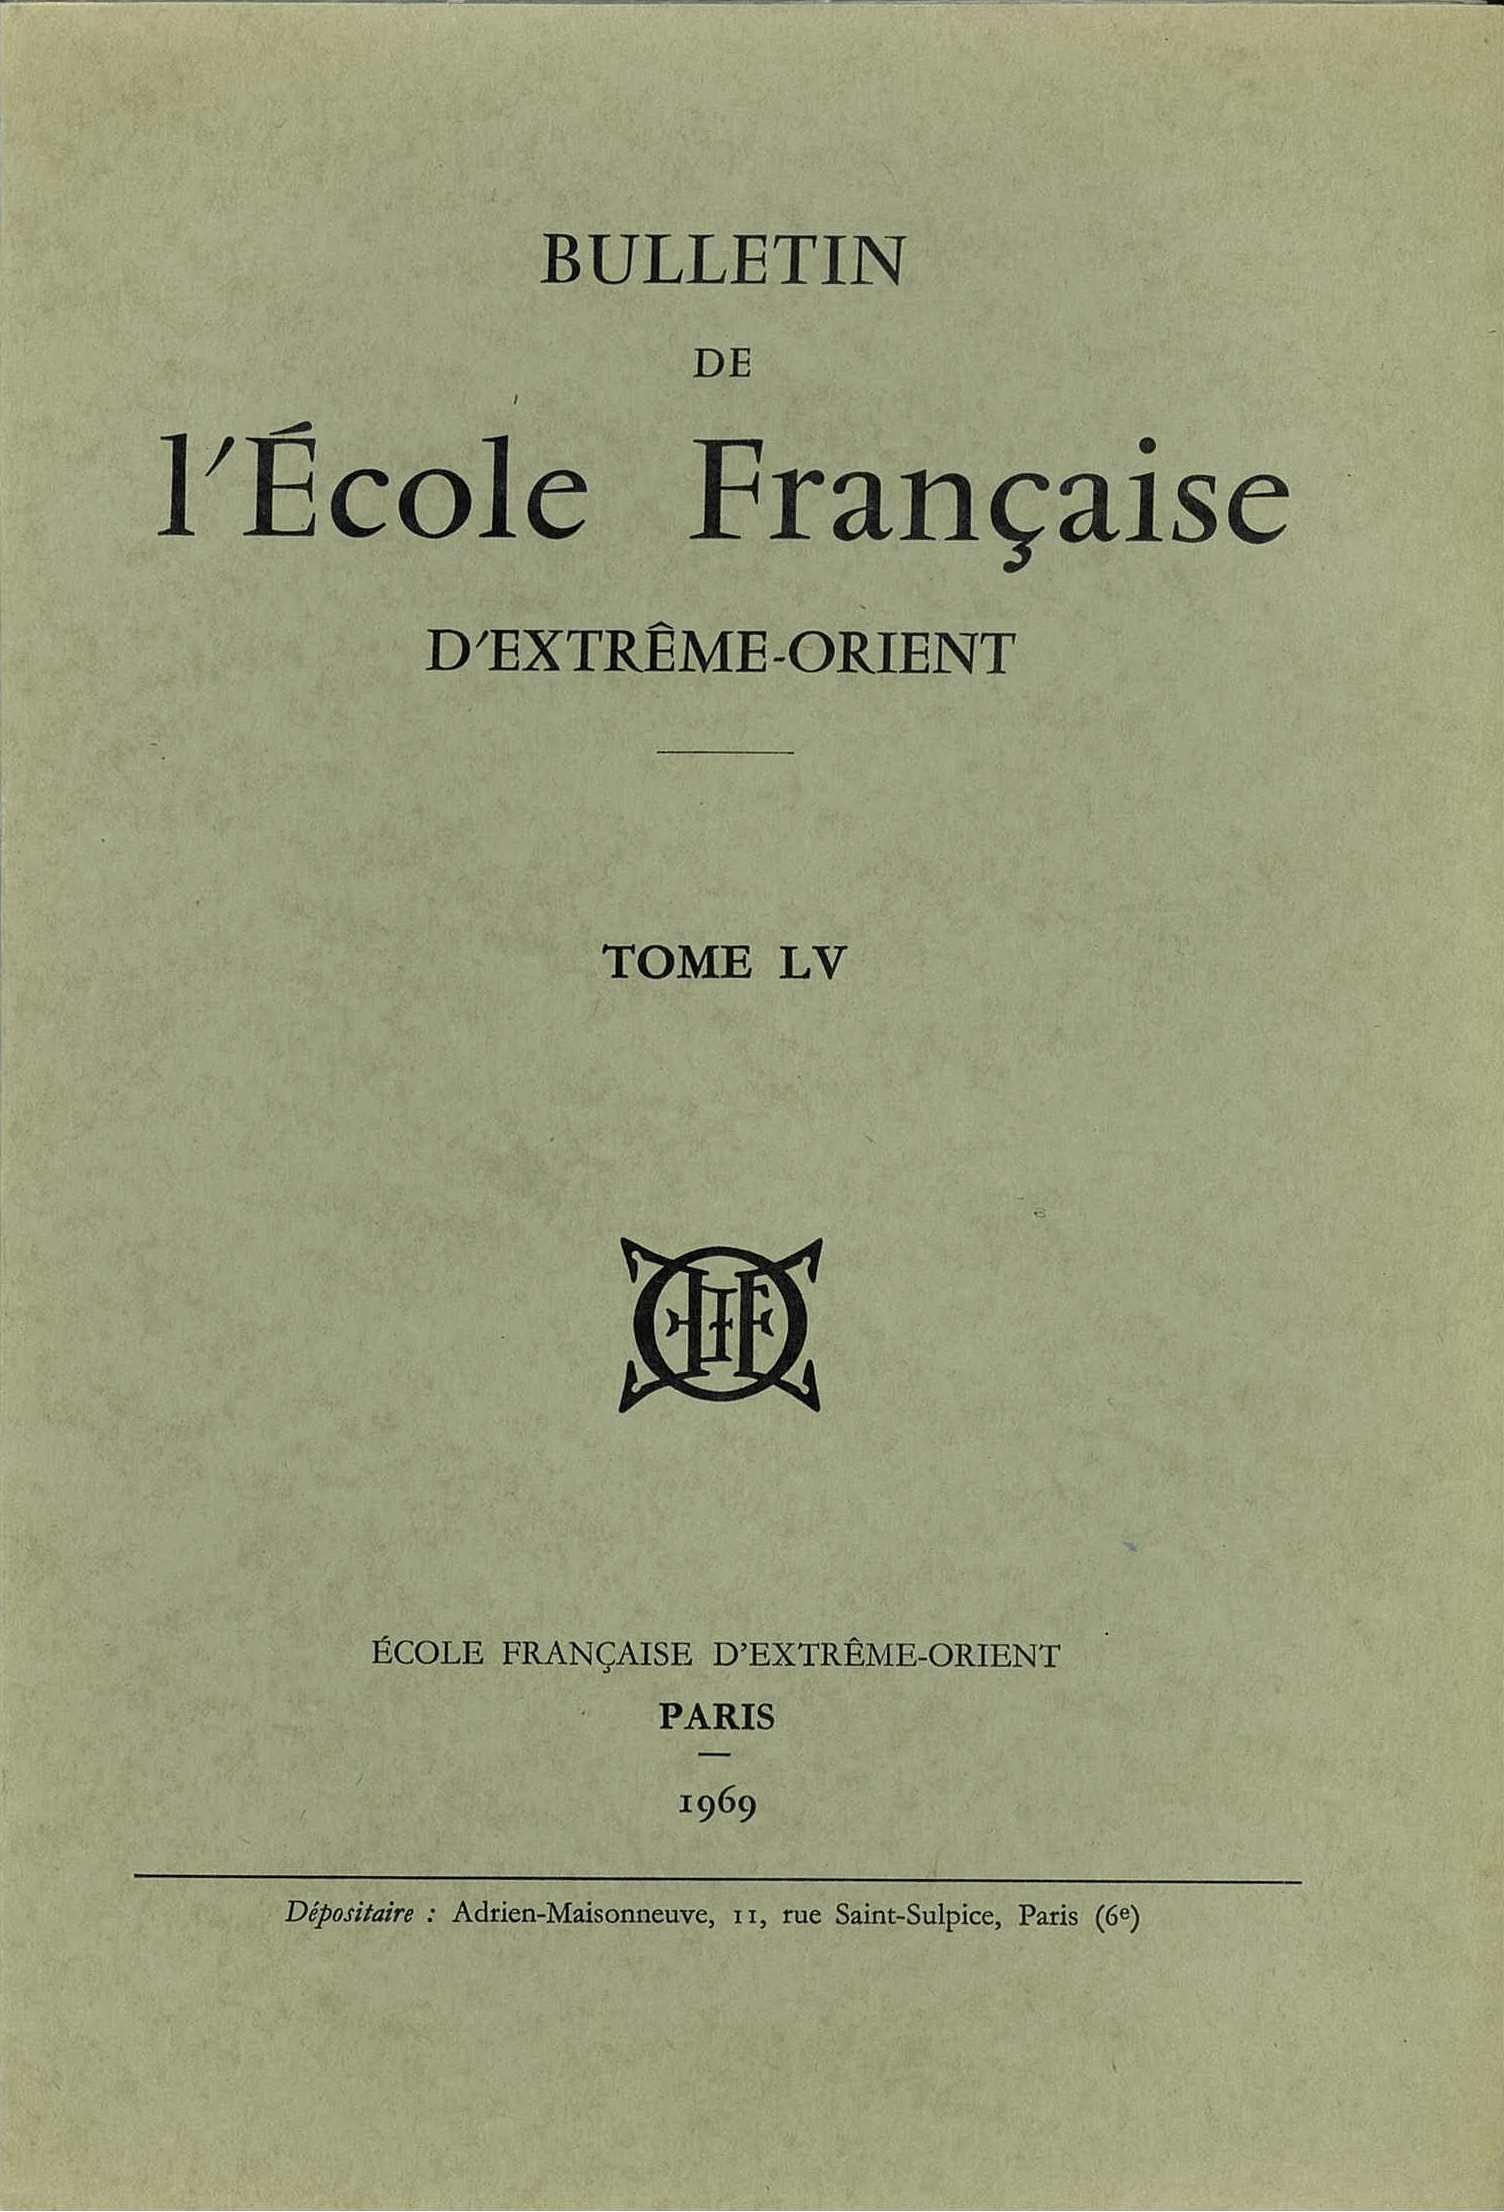 Bulletin de l'Ecole française d'Extrême-Orient 55 (1969)